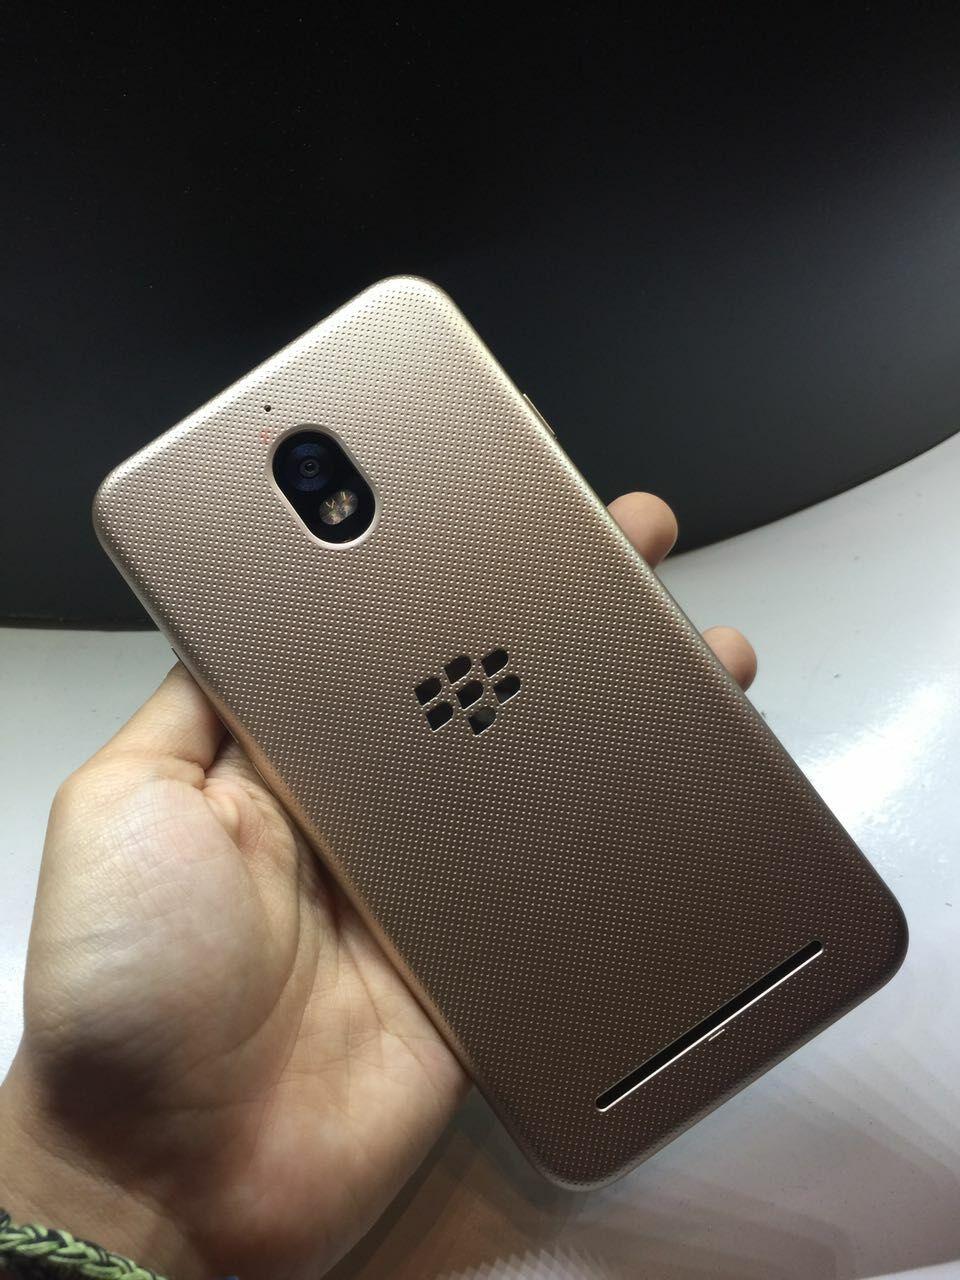 Kelebihan Blackberry Aurora 7